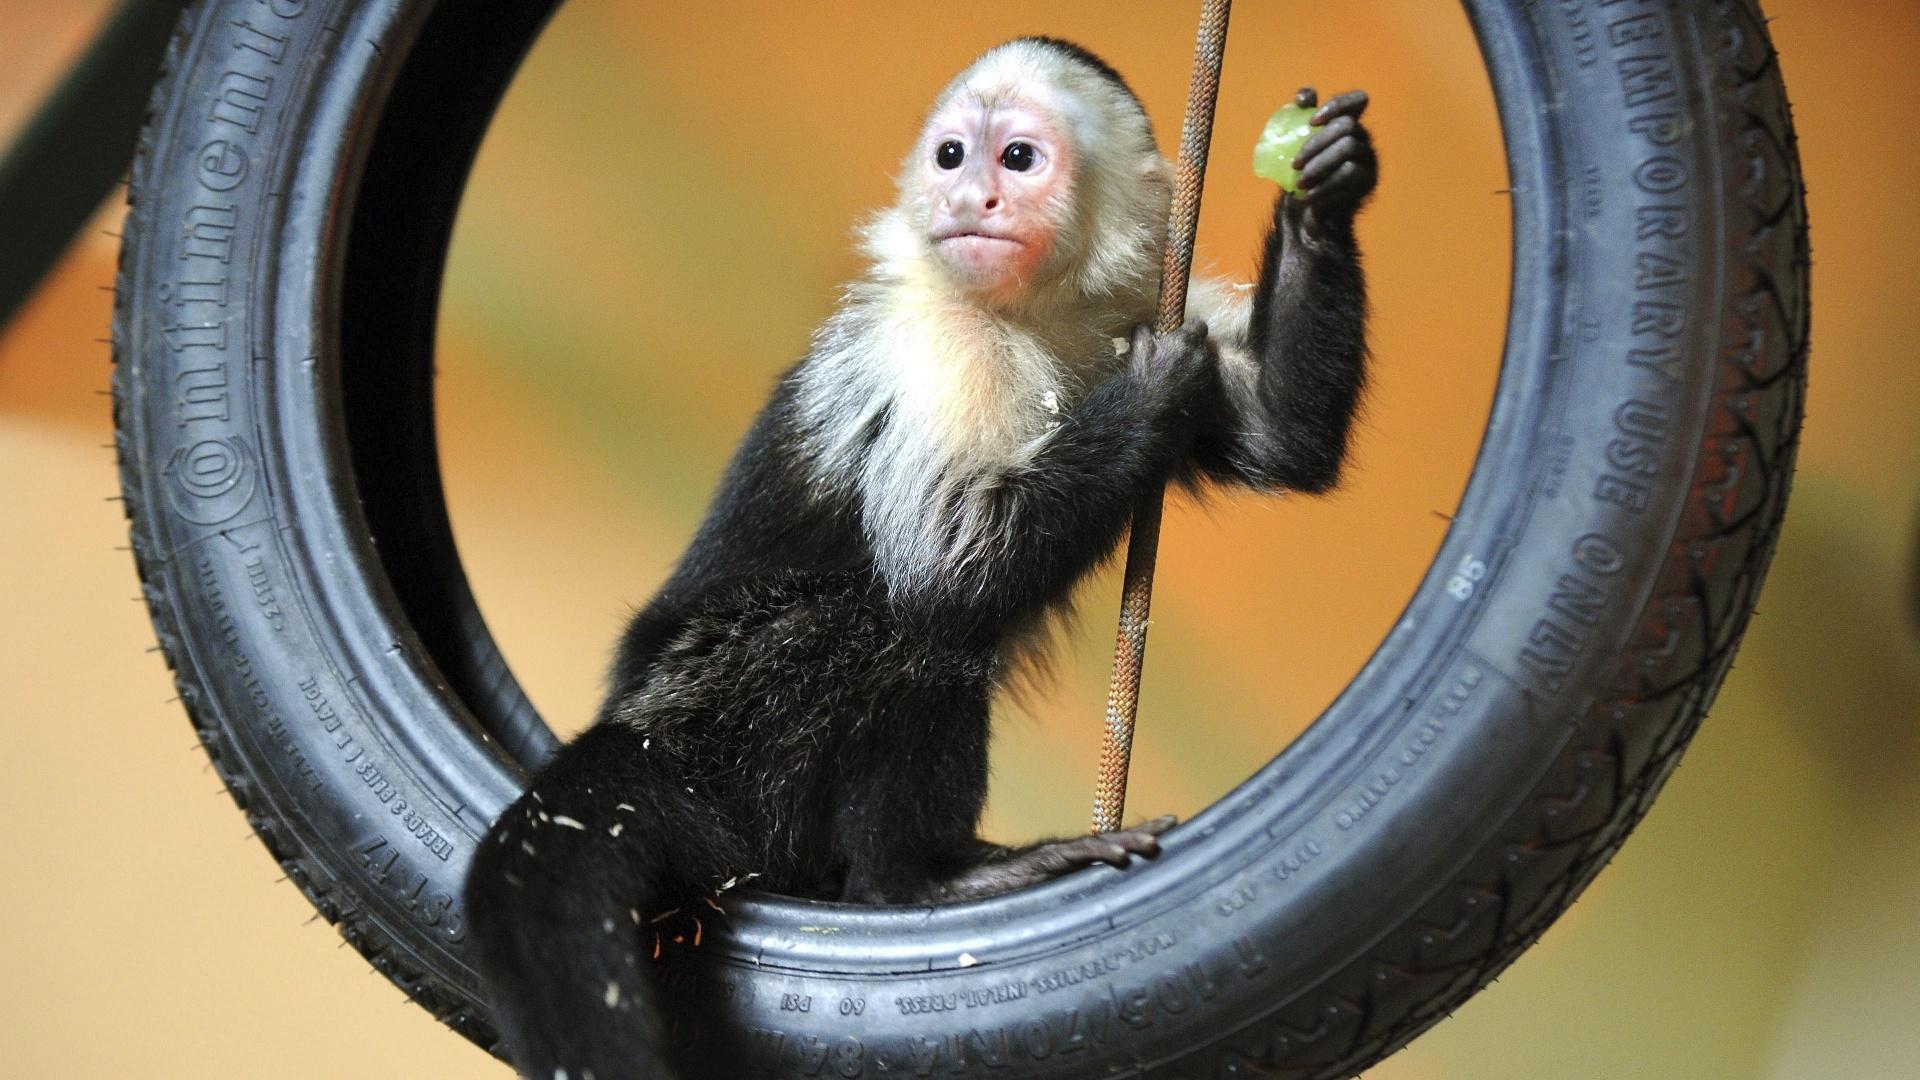 31.mai.2013 - Mally, o macaco que pertencia ao cantor Justin Bieber, foi transferido para o Parque Serengeti, em Hodenhagen, na Alemanha. O macaco-prego ficará em quarentena por algumas semanas no local